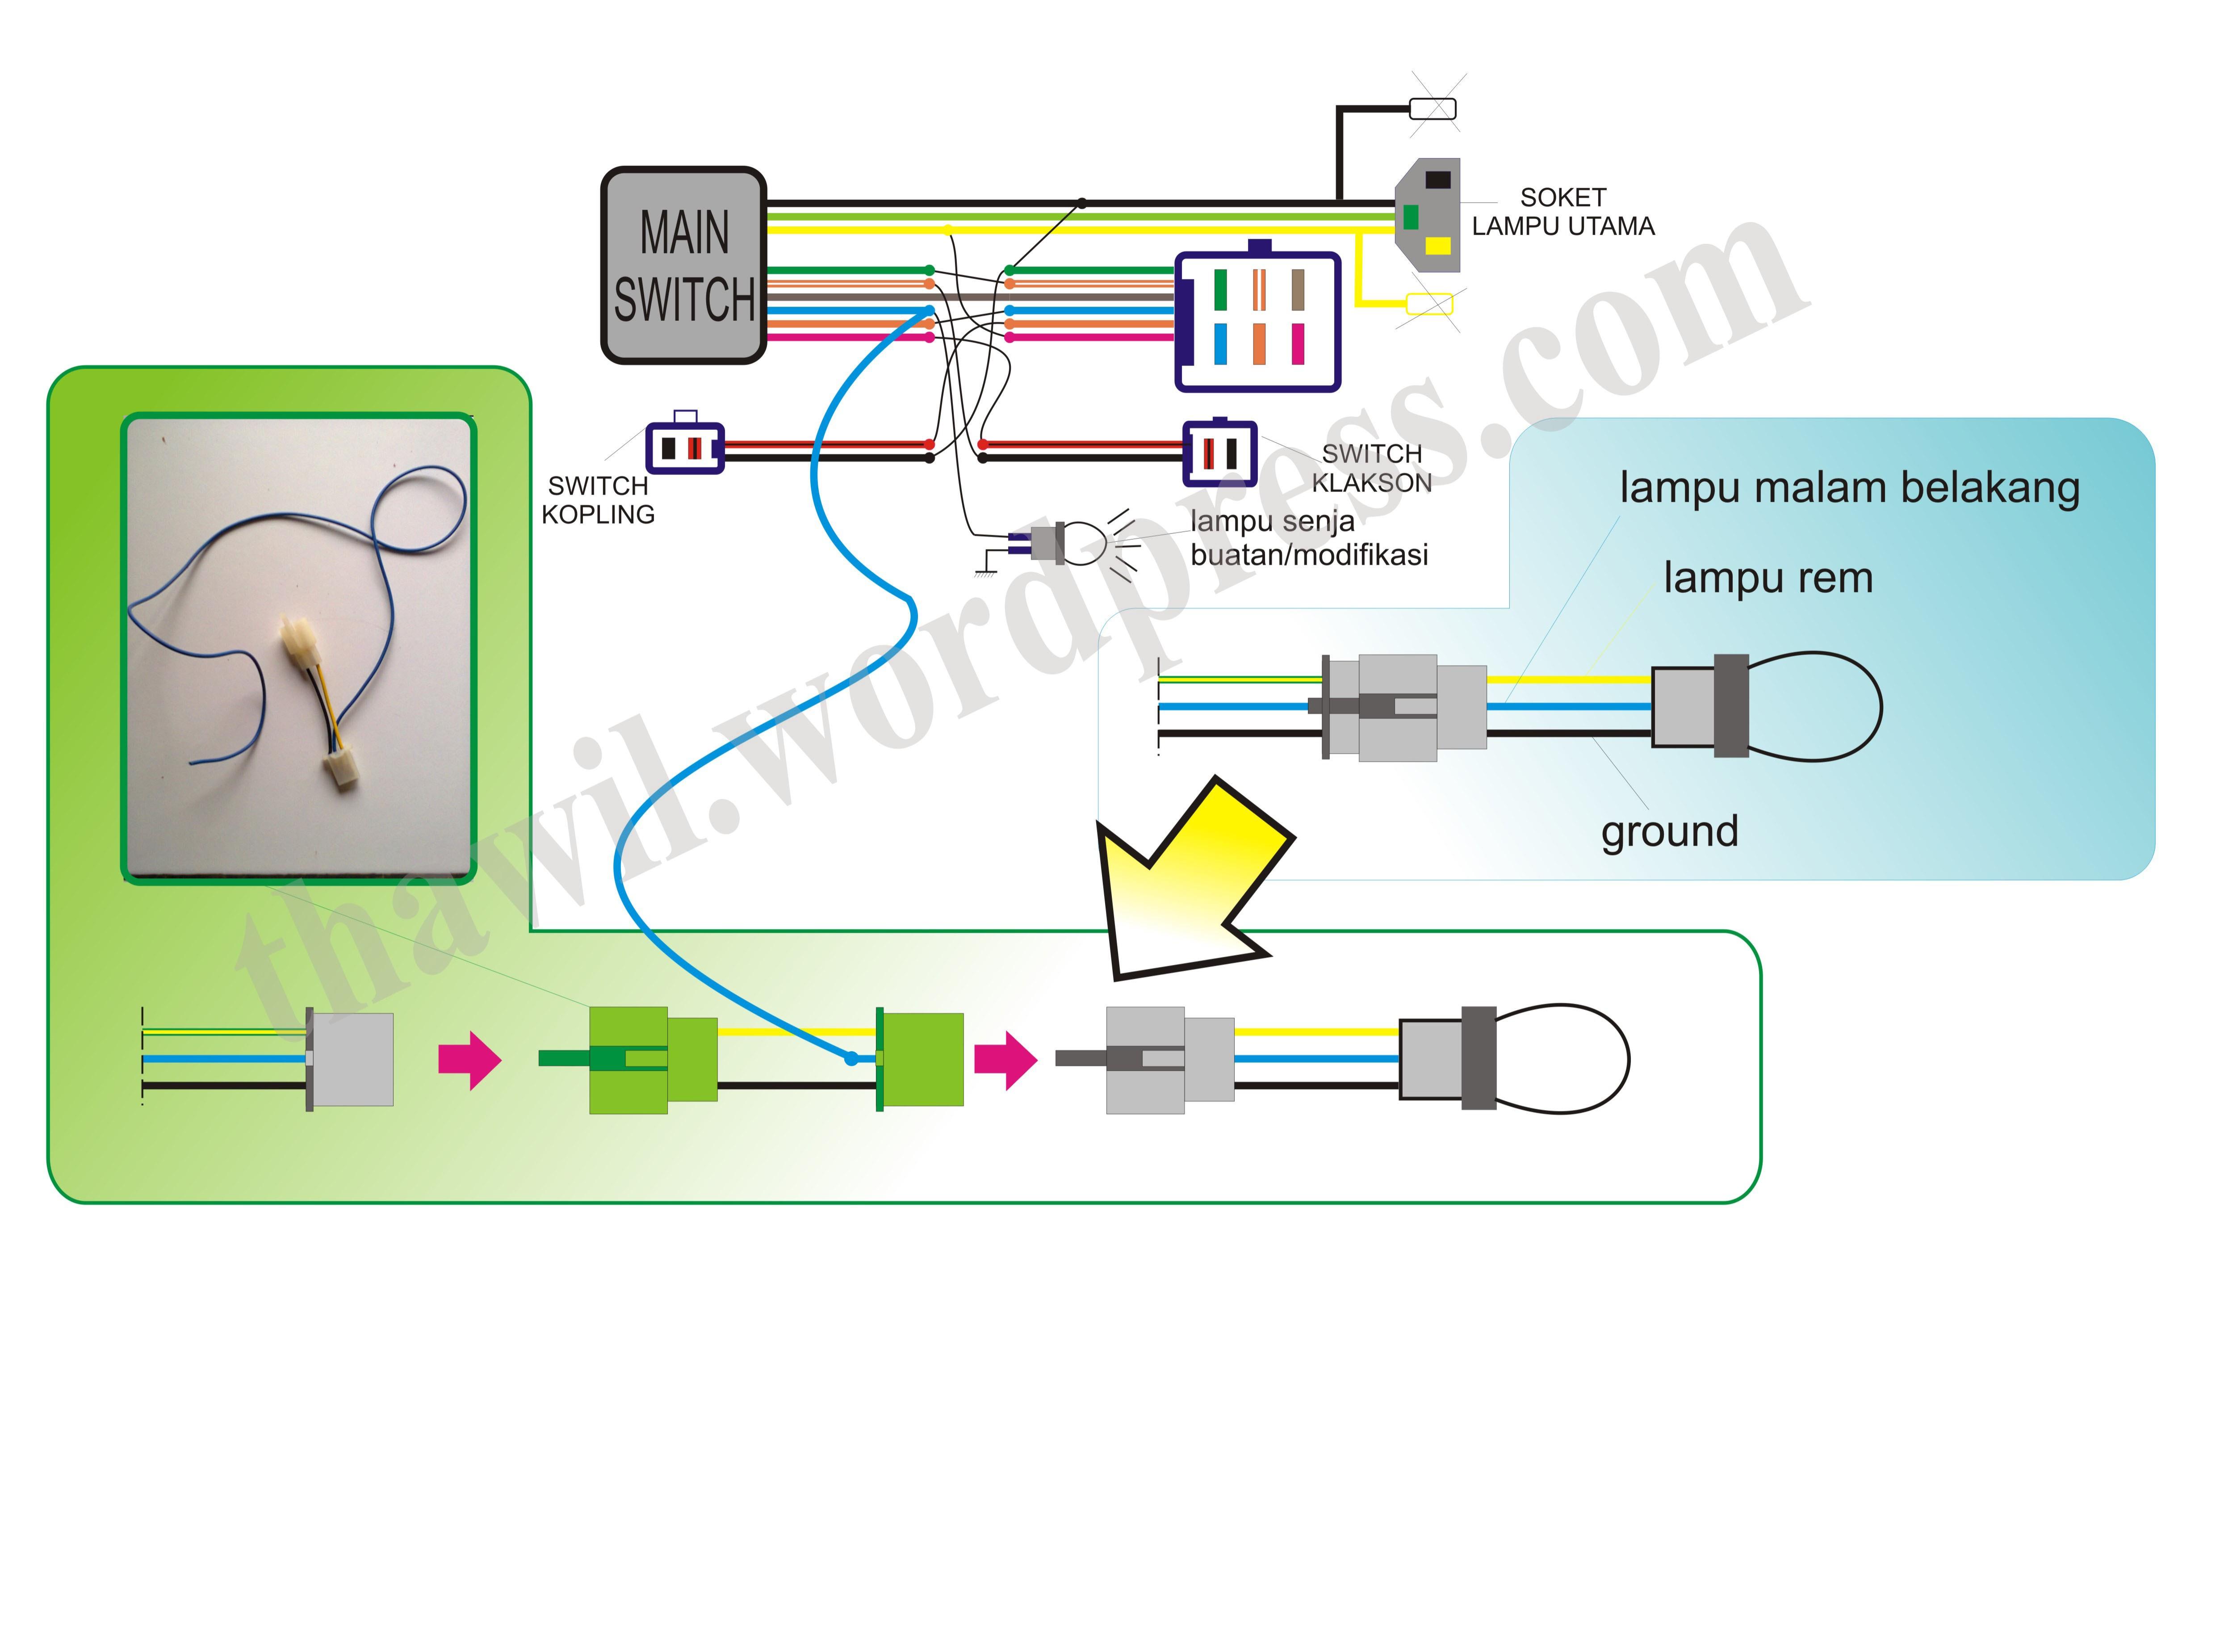 Wiring Diagram Lampu Senja Rhdiveteam Detmoldde